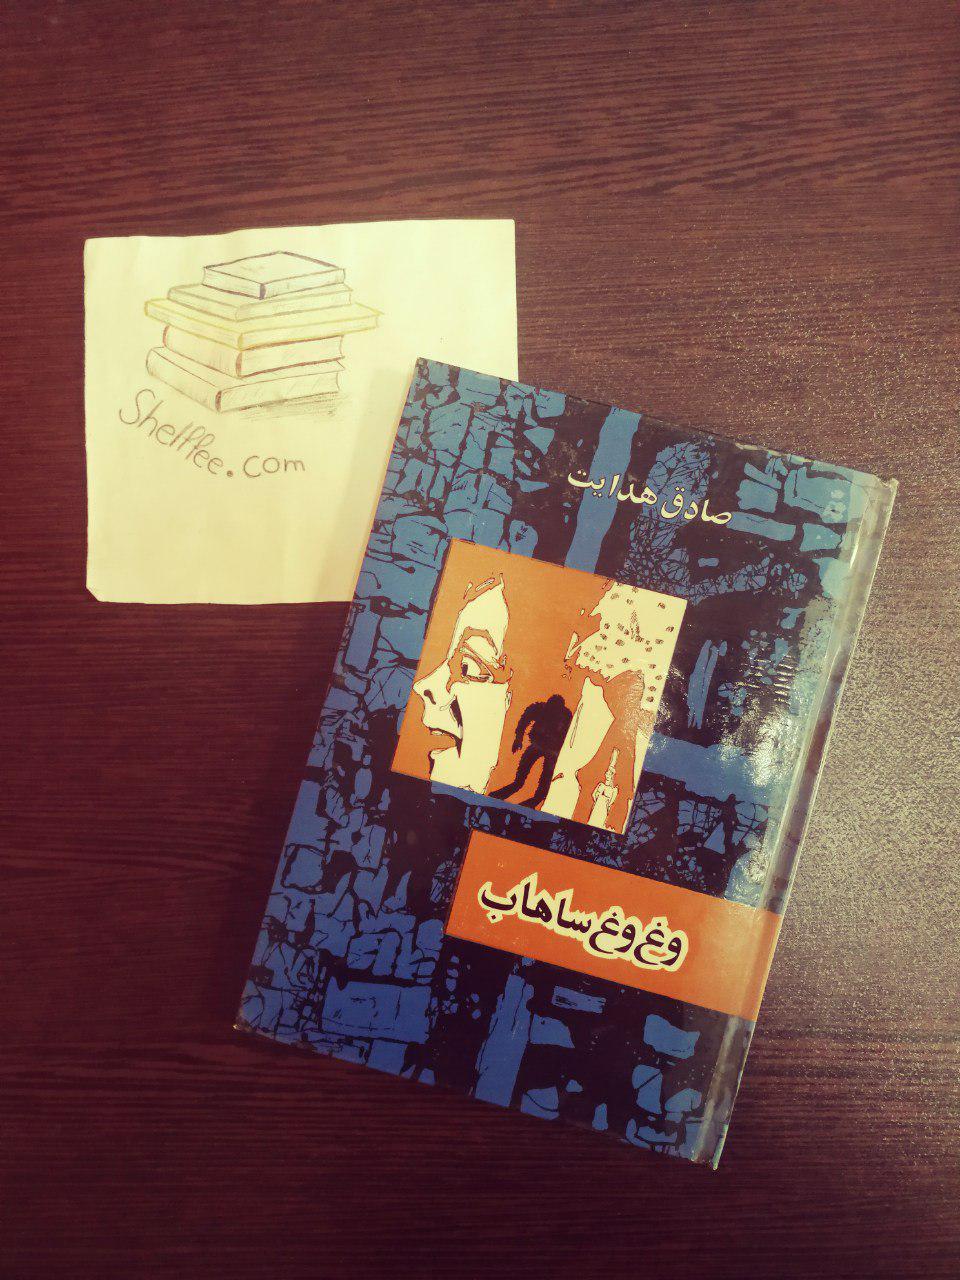 کتاب وغ وغ ساهاب صادق هدایت، معرفی کتاب